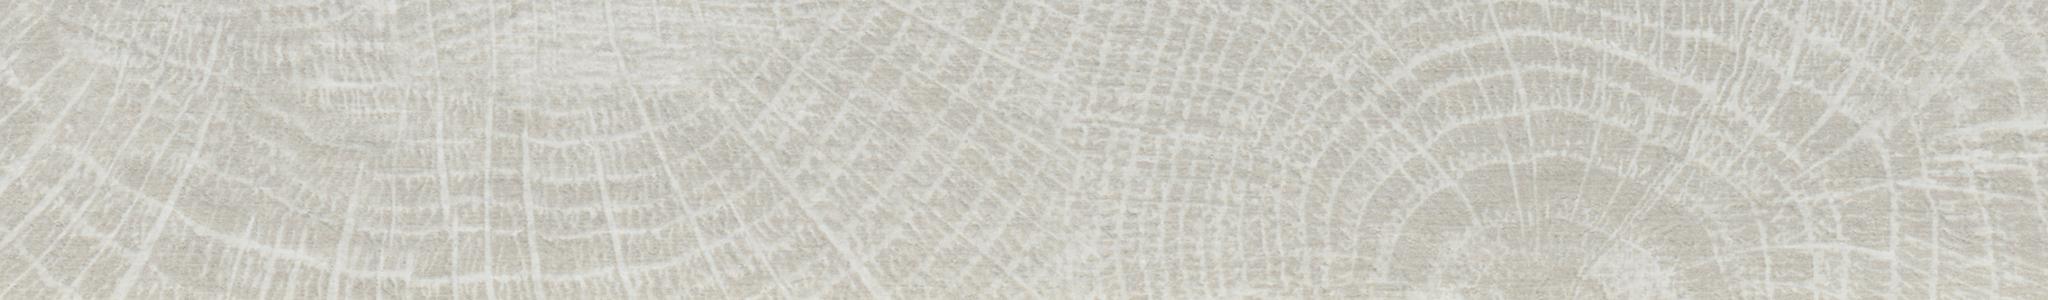 HD 242176 ABS hrana dub end-grain